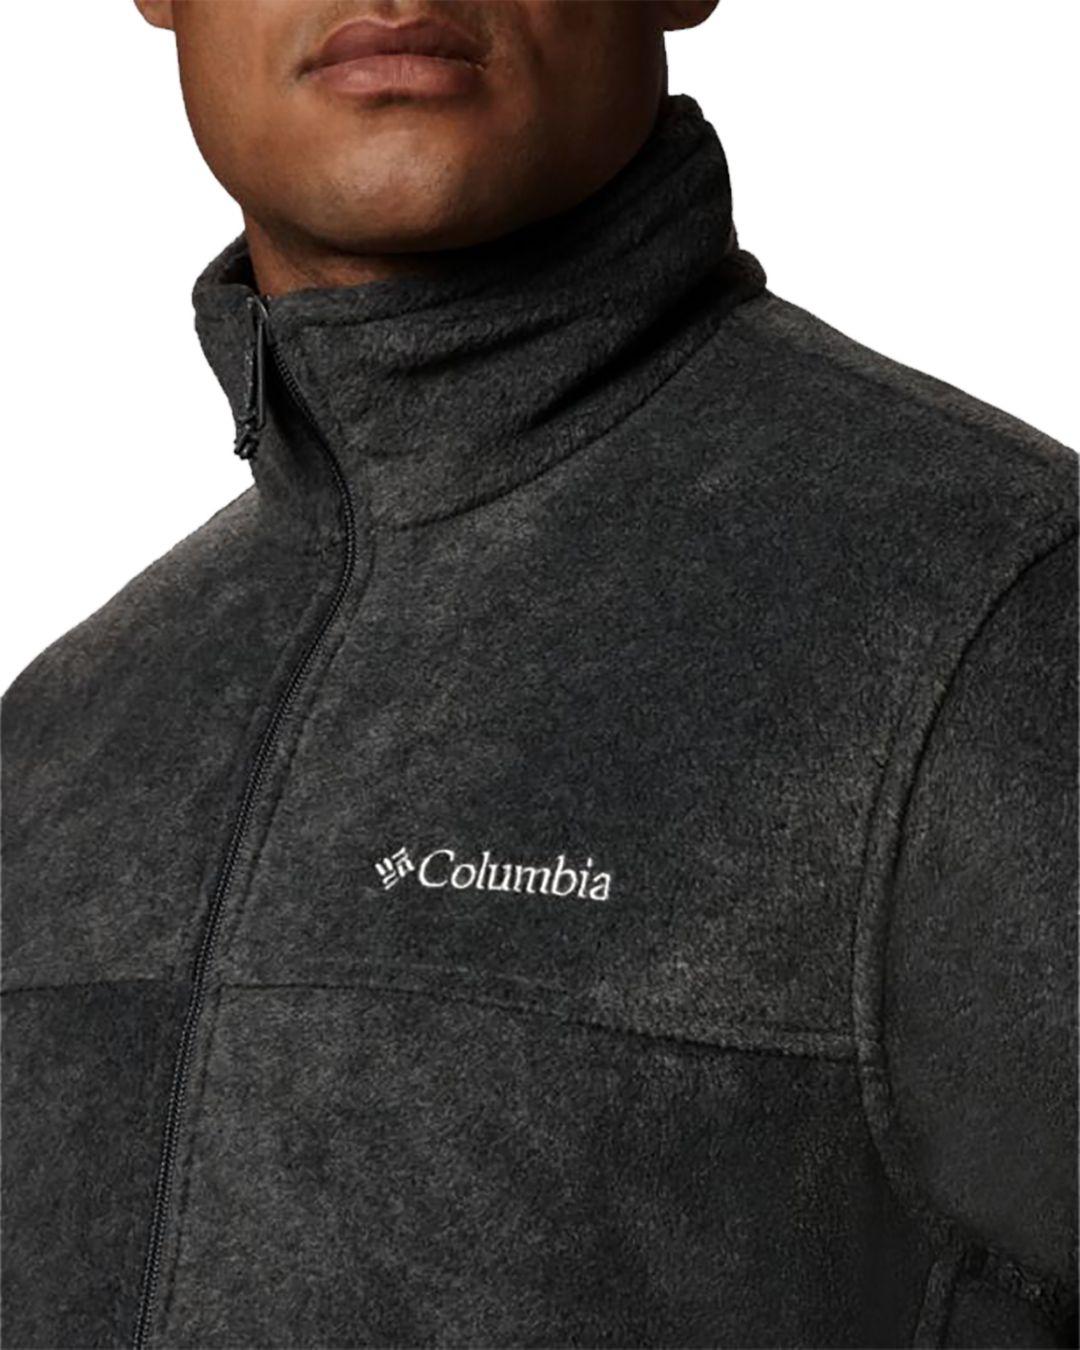 641db1c05b0 Columbia Men's Steens Mountain Full Zip Fleece Jacket   DICK'S ...